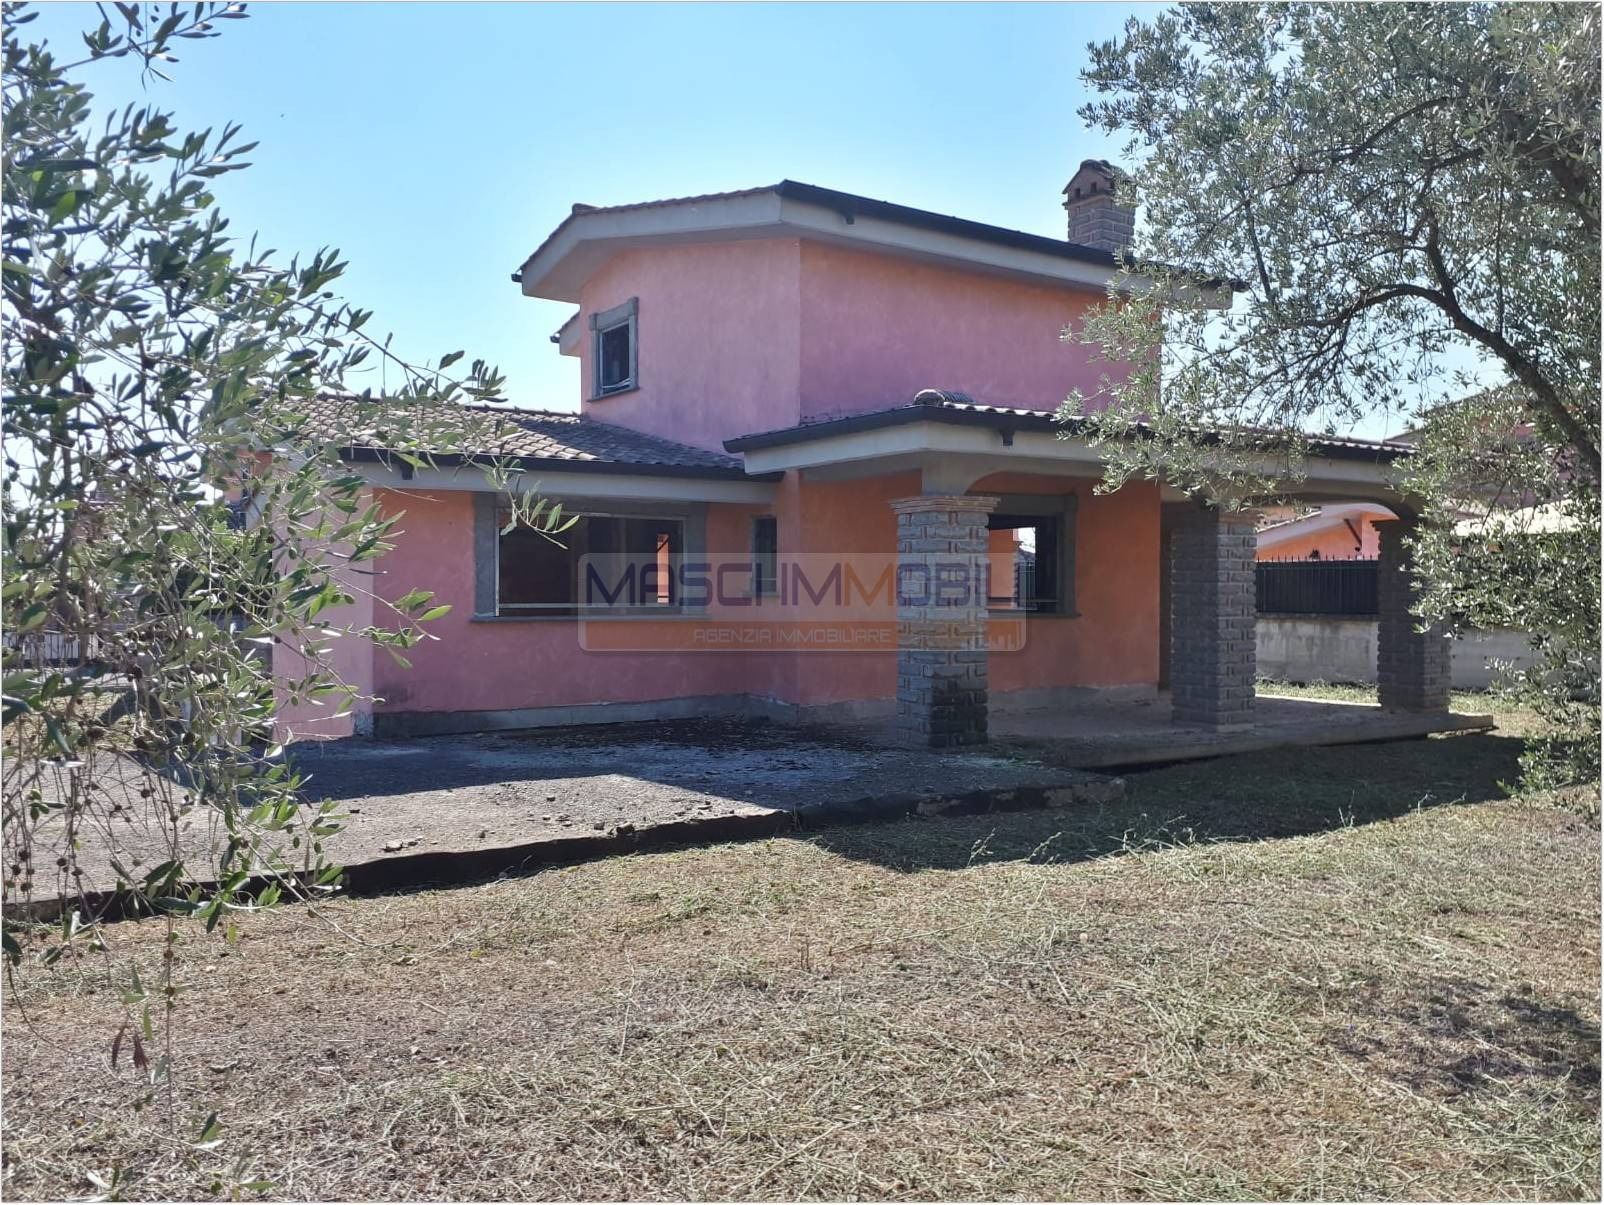 Villa in vendita a Fiano Romano, 5 locali, prezzo € 190.000 | CambioCasa.it